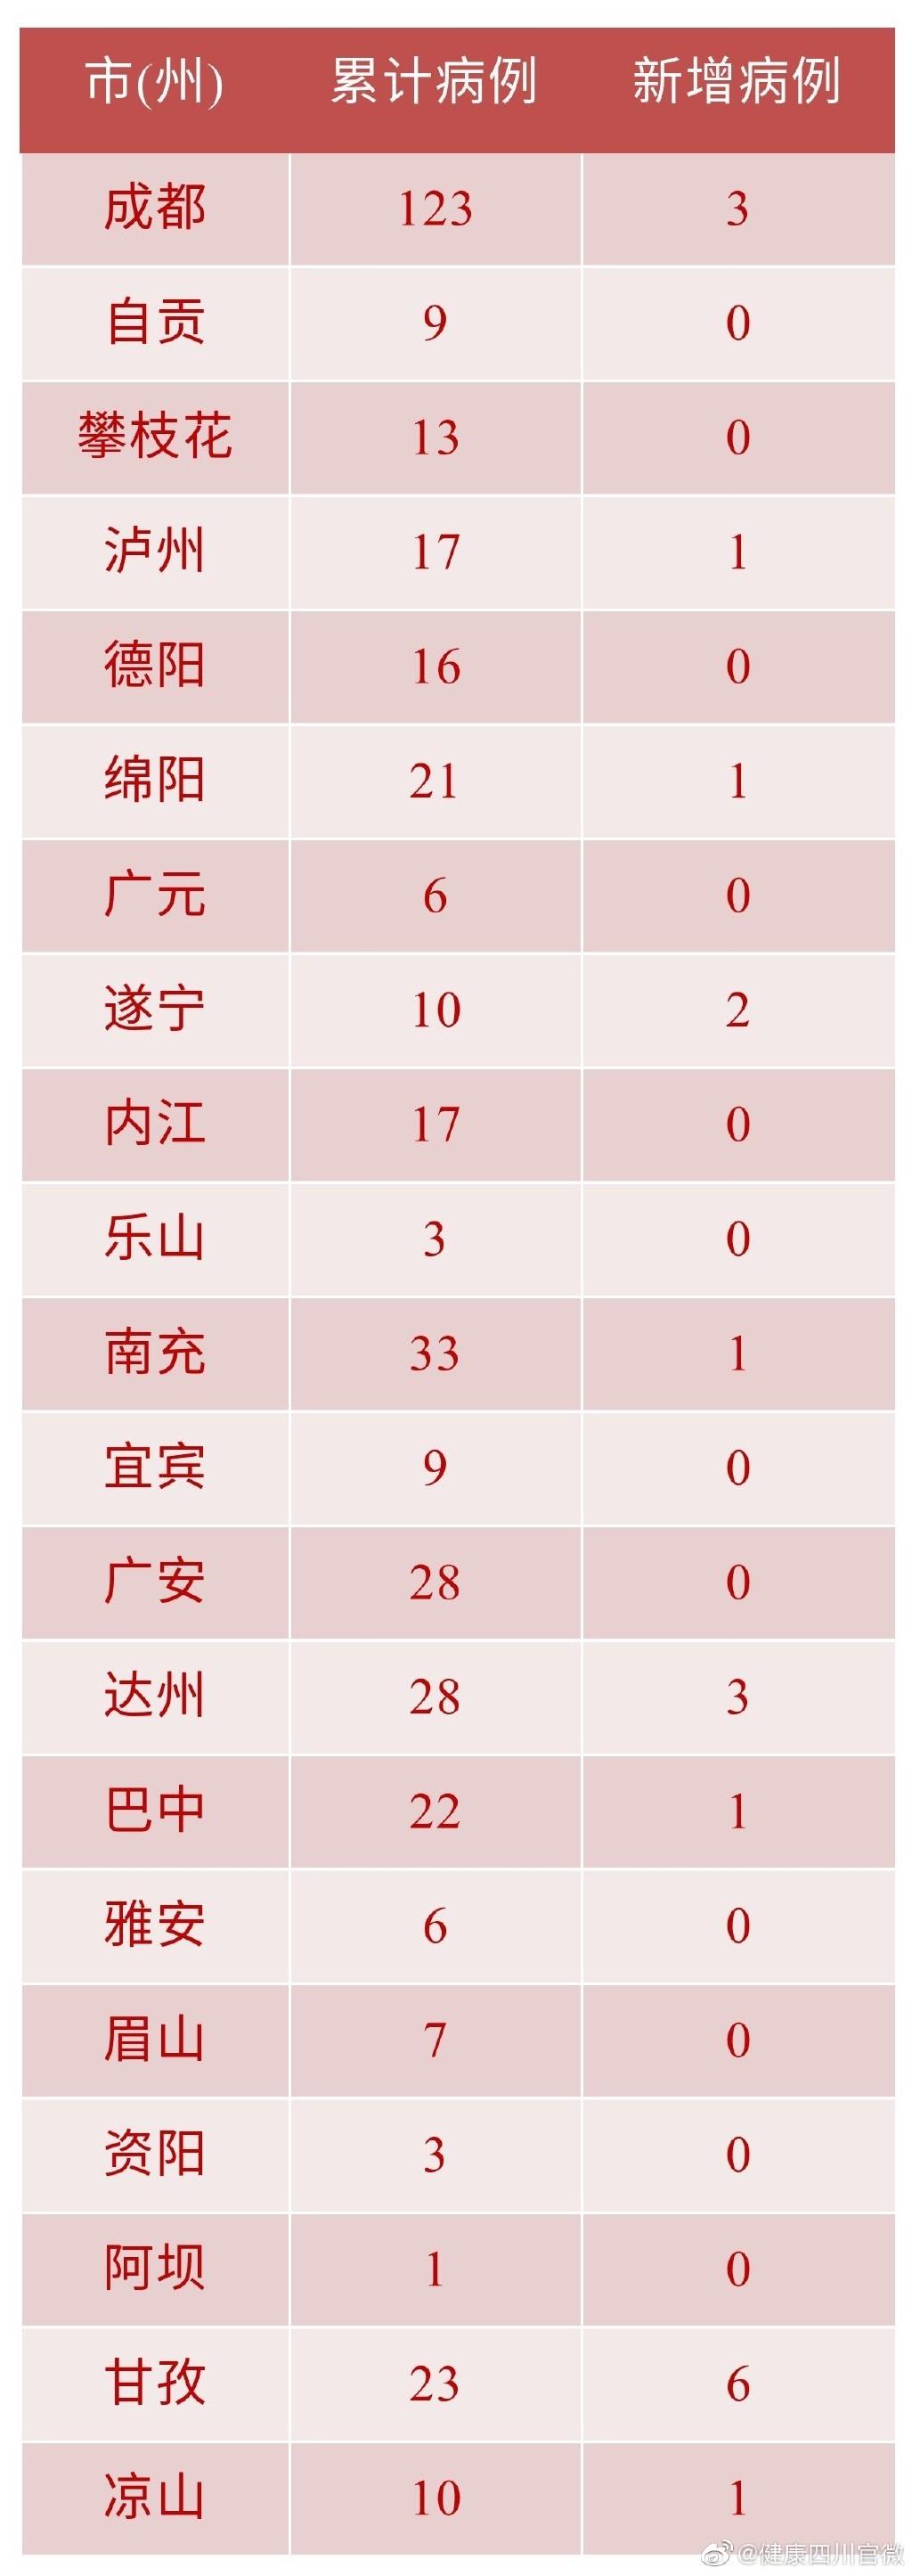 四川新增确诊病例19例 累计确诊405例 已治愈出院76人